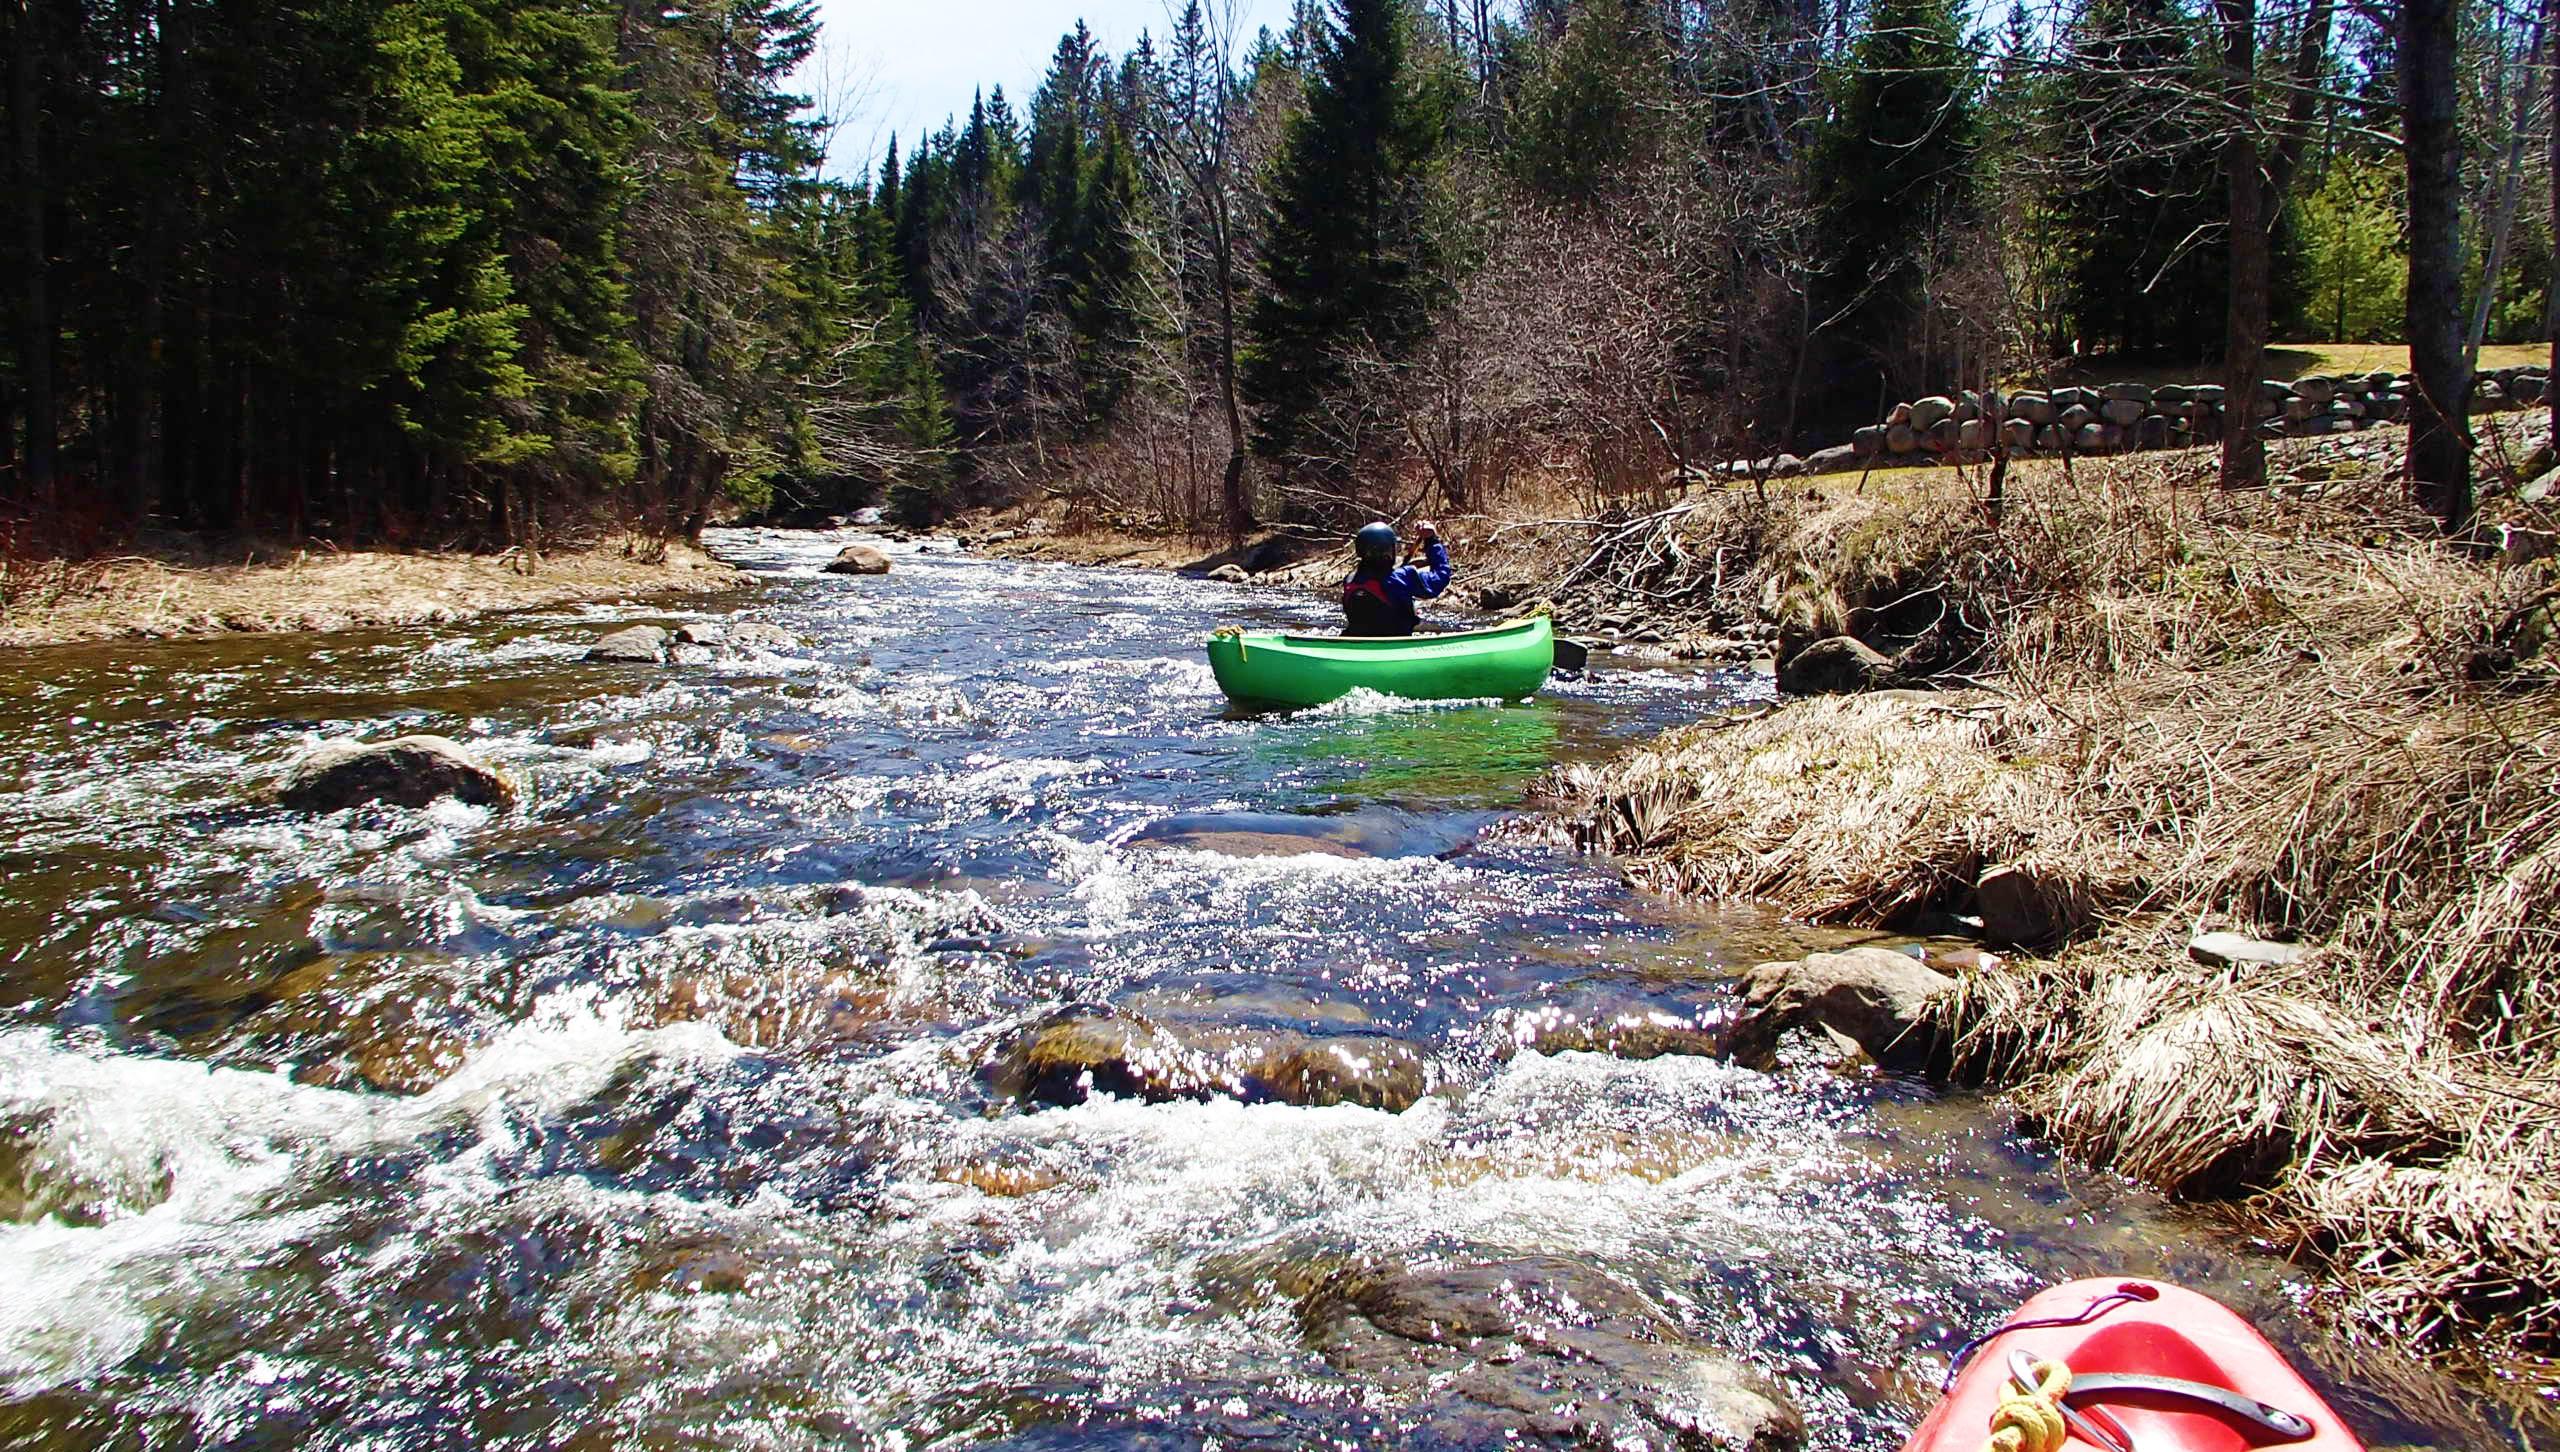 Parcours canotable de la rivière Arnold, section Haute Arnold, avec des rapides.